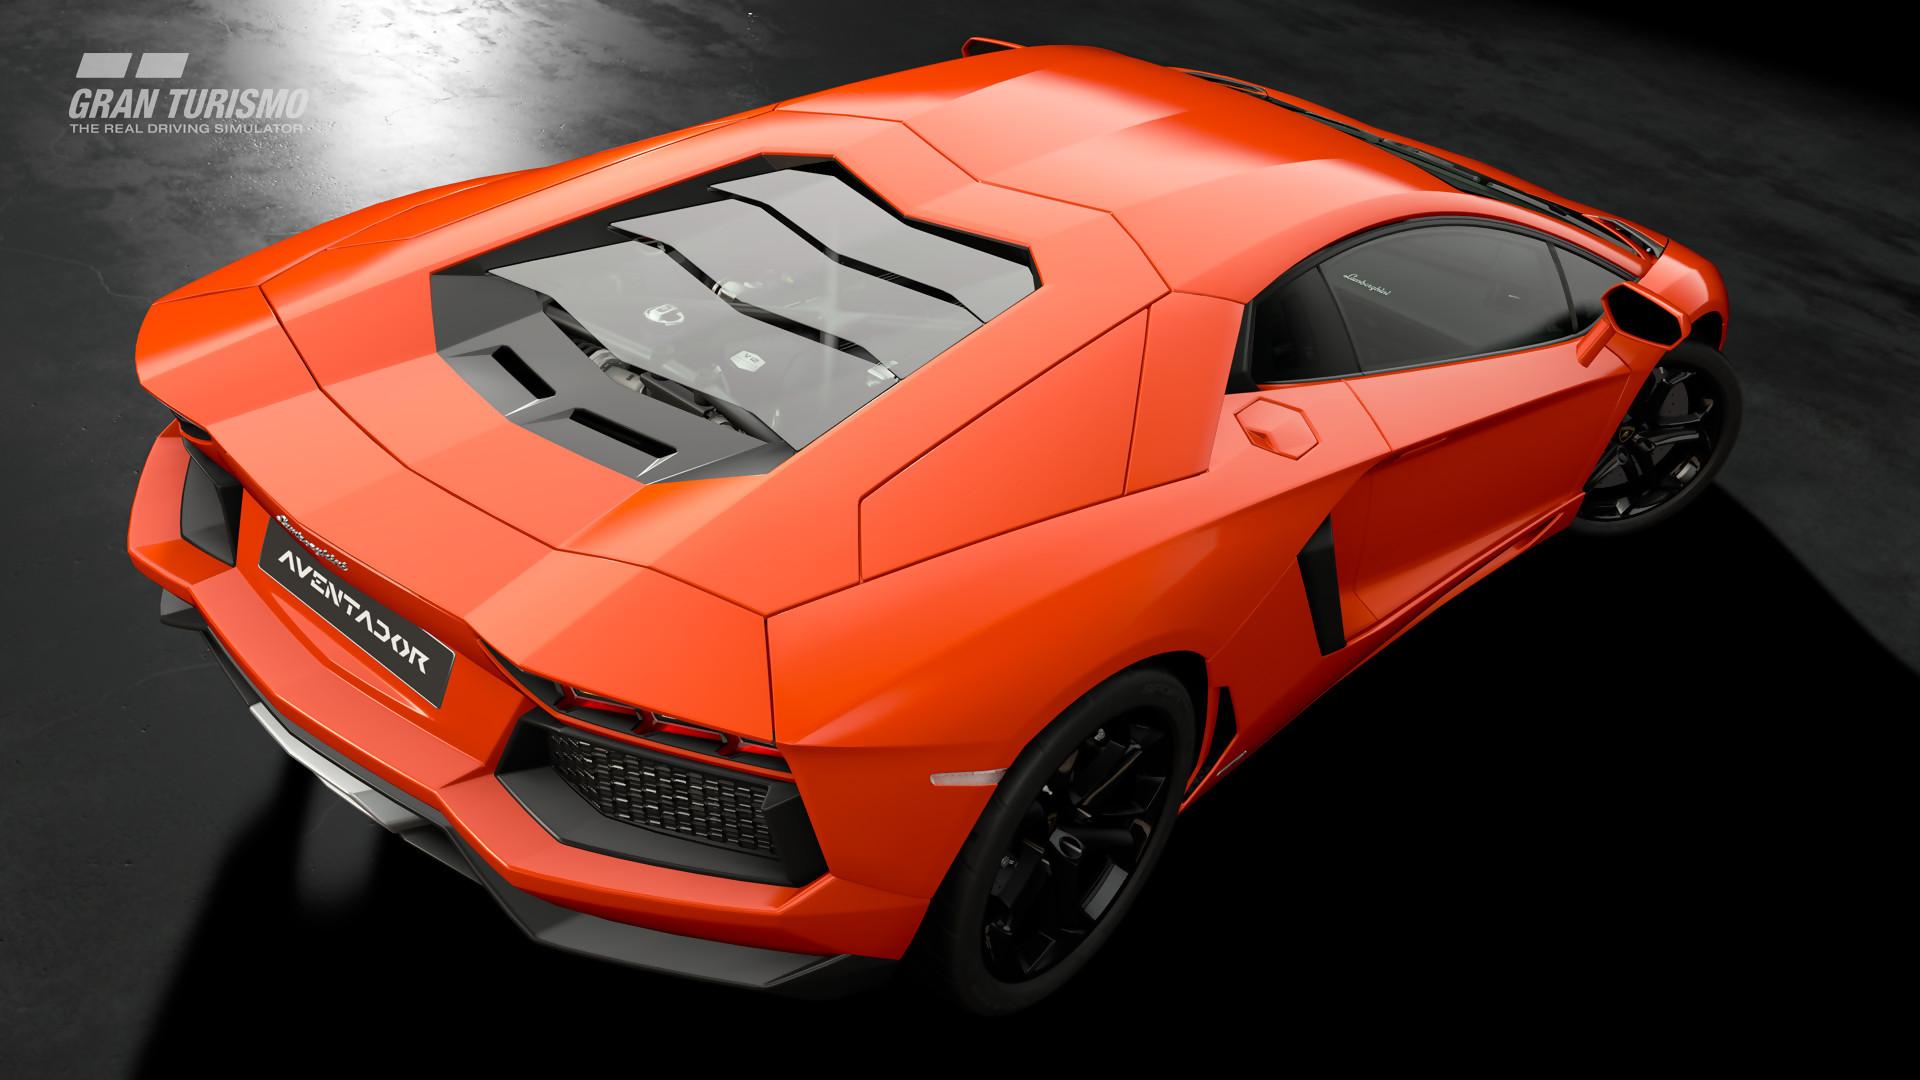 gran turismo sport toutes les nouvelles voitures du jeu. Black Bedroom Furniture Sets. Home Design Ideas